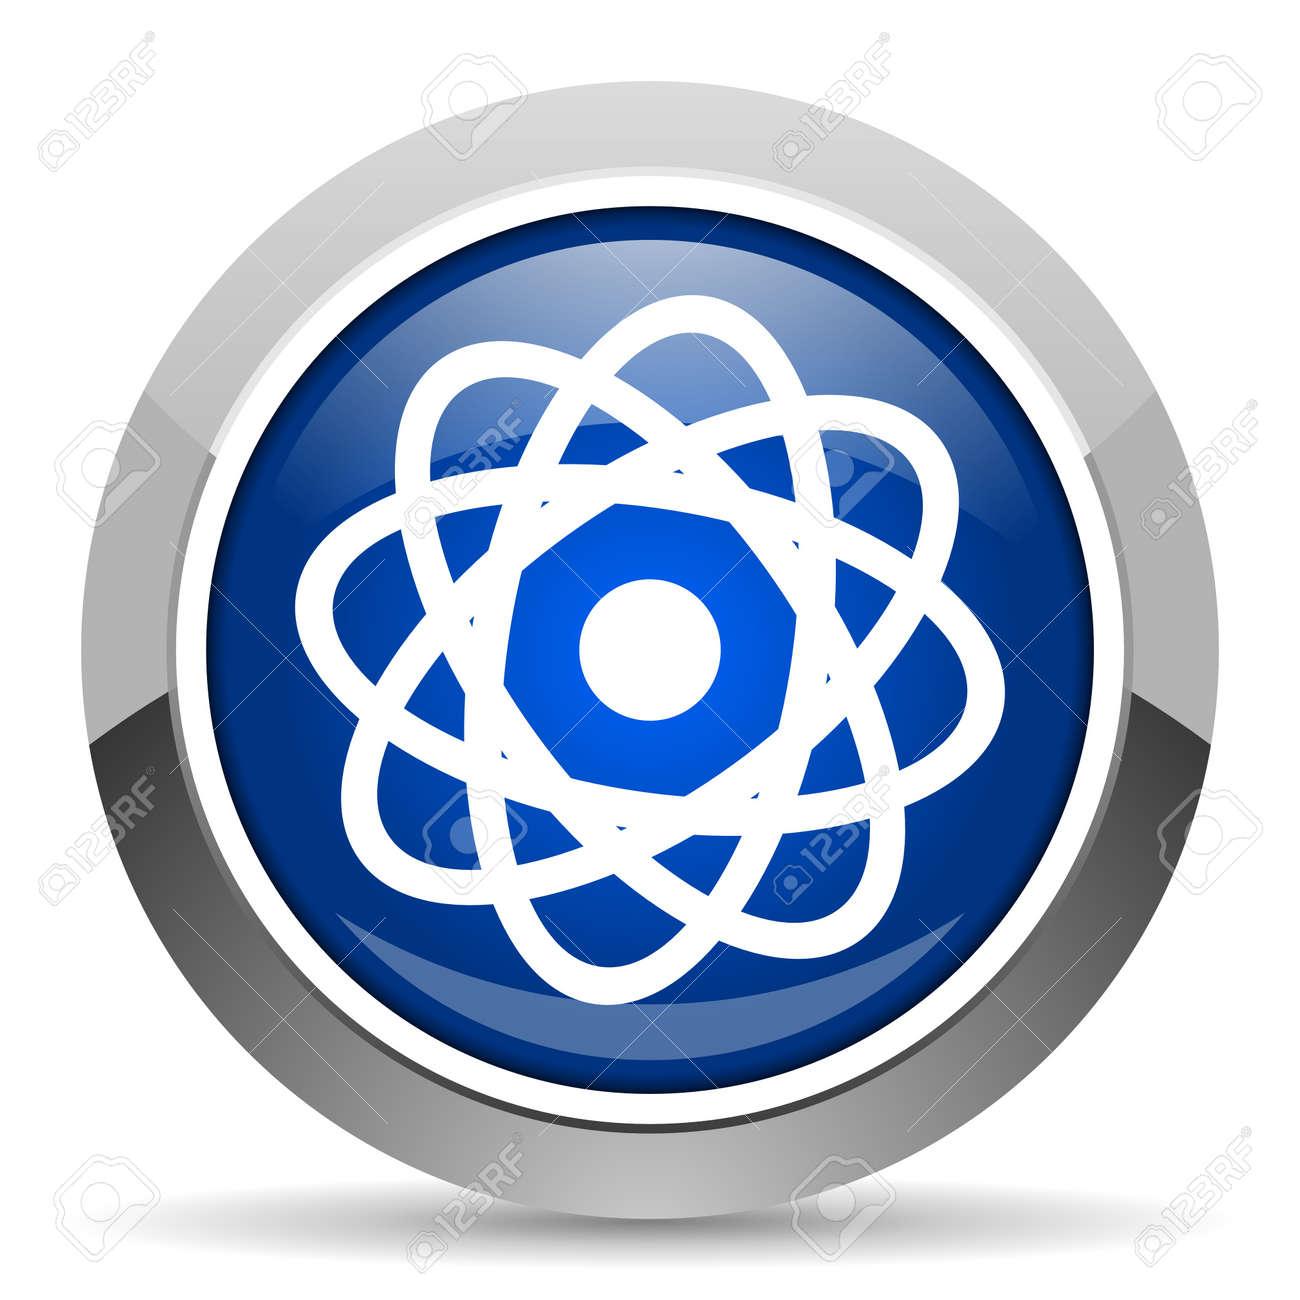 atom icon Stock Photo - 20468962